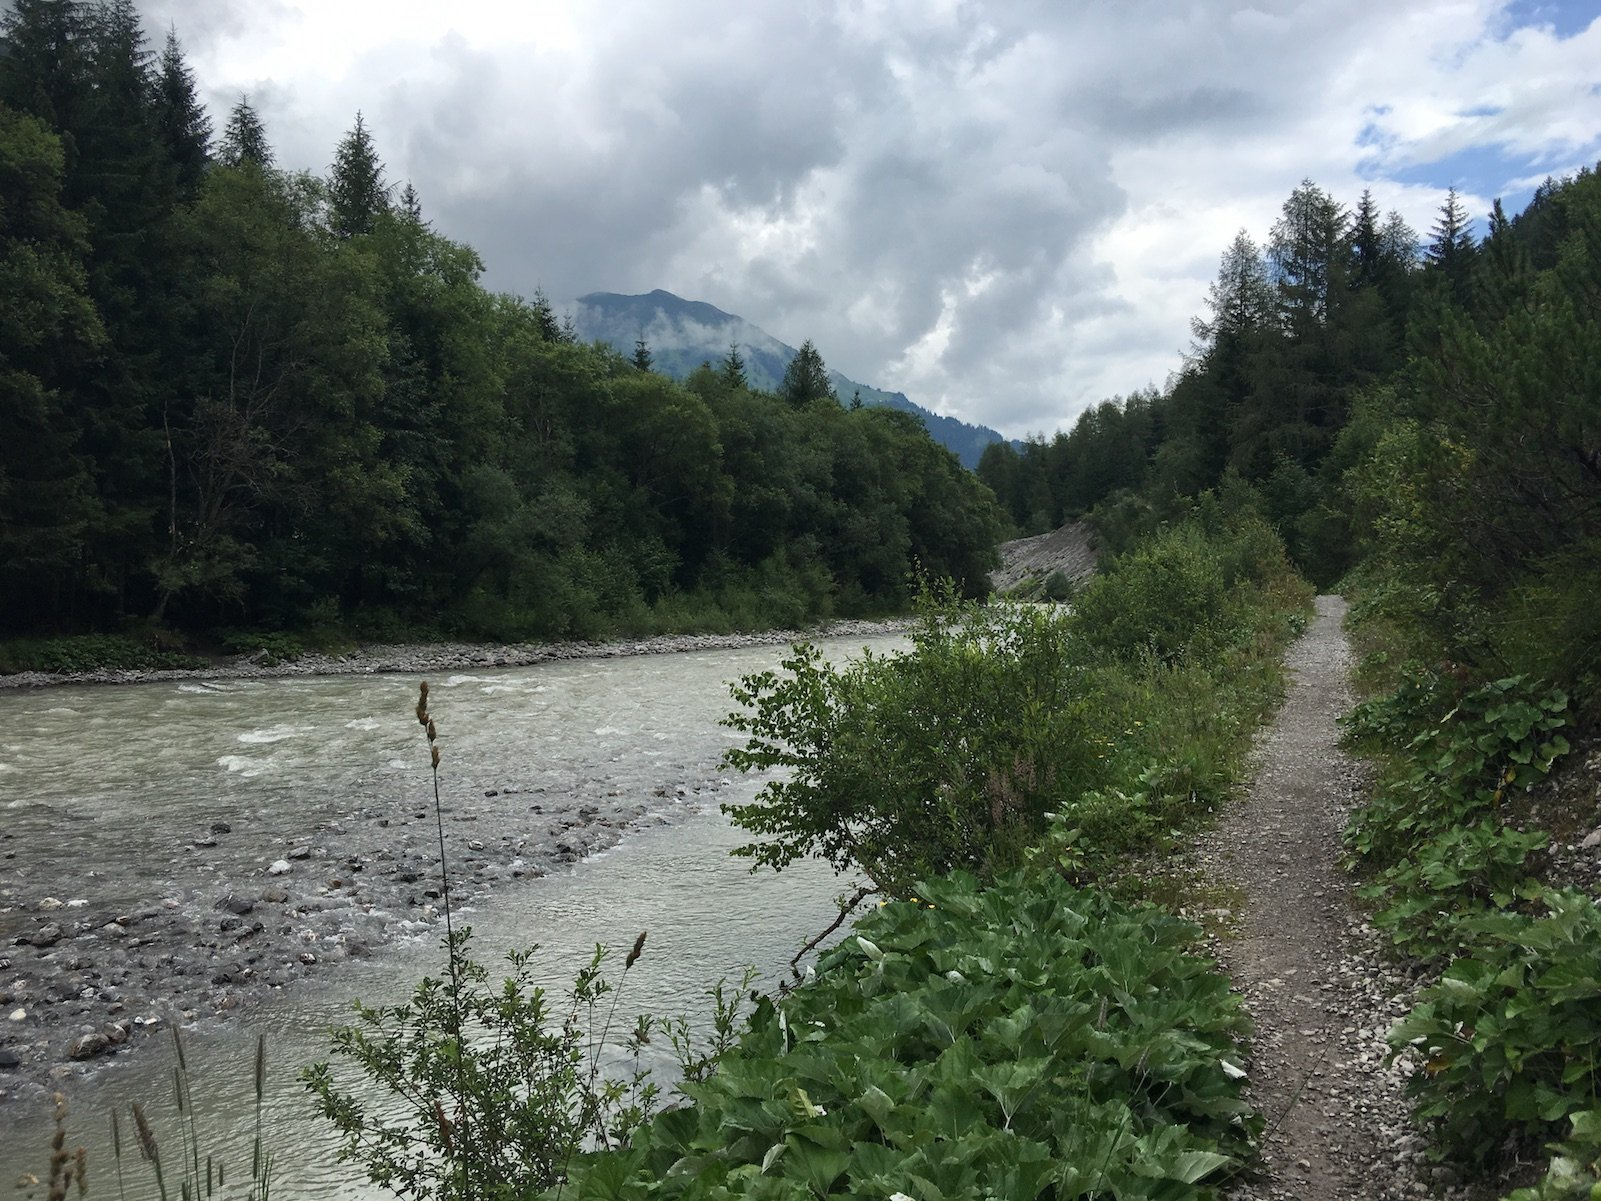 Pfad direkt am Lech entlang auf dem Lechweg zwischen Steeg und Holzgau auf der 3. Etappe